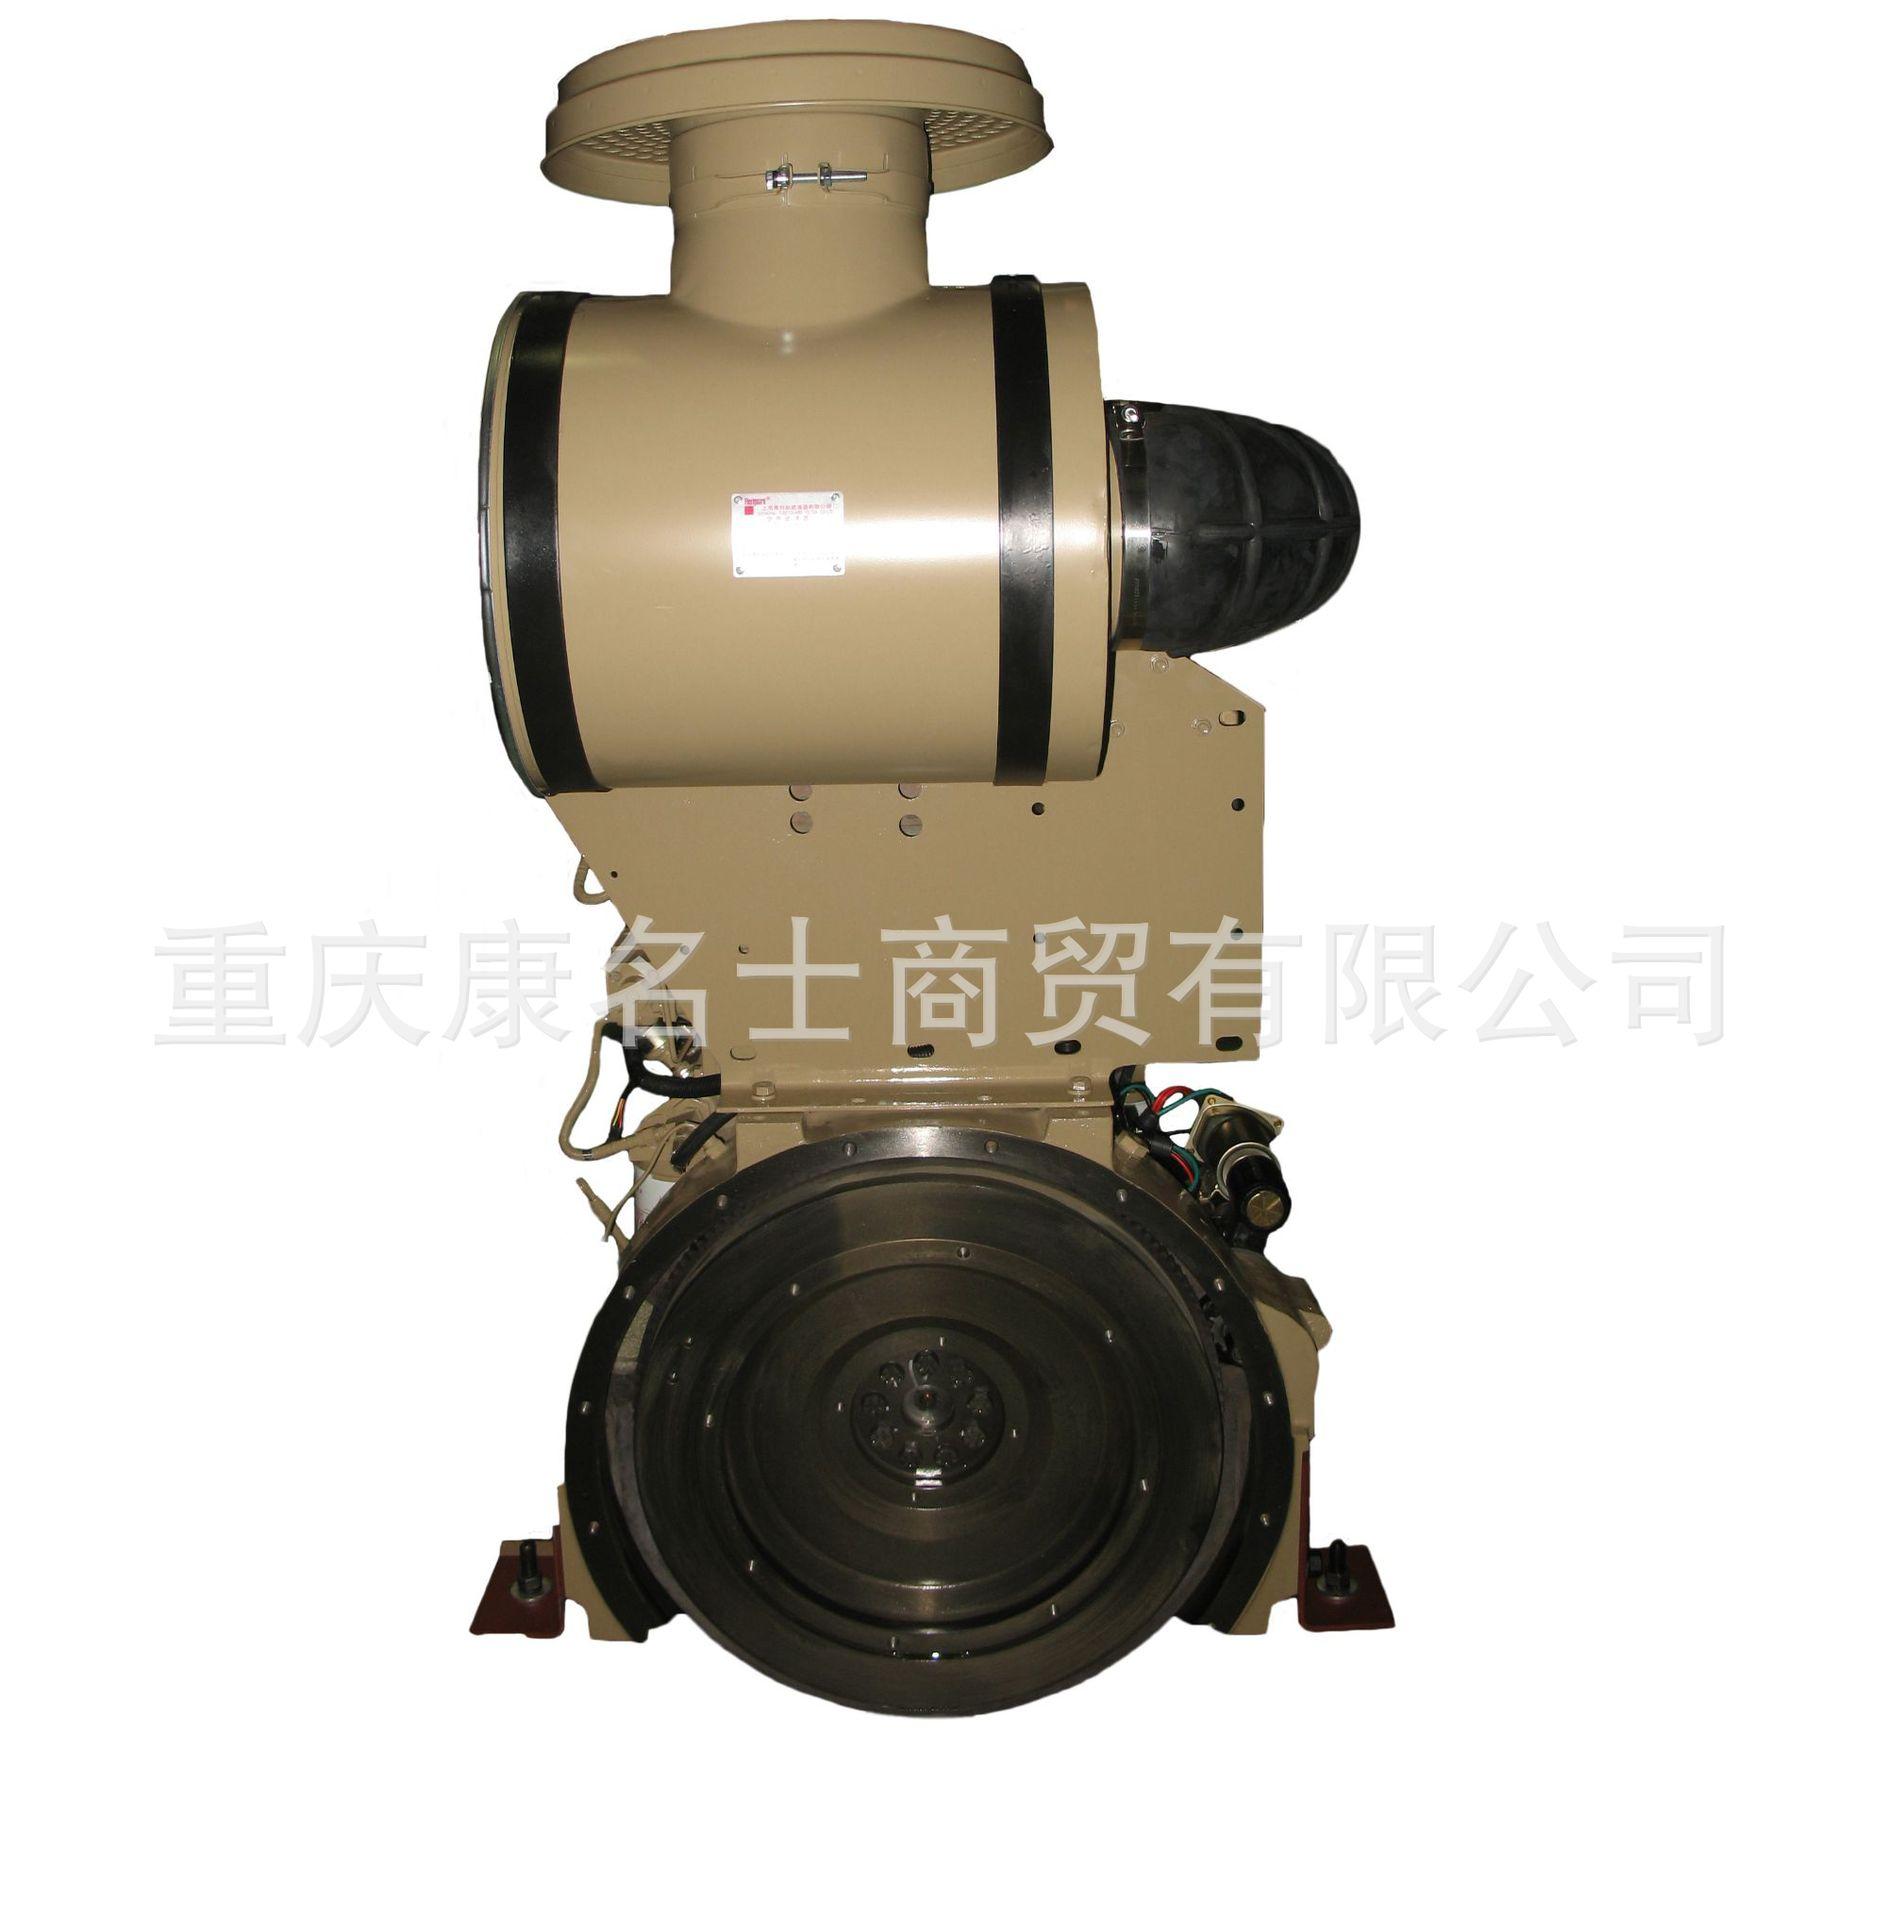 3911322康明斯发动机风扇C8.3-G277发动机配件厂价优惠